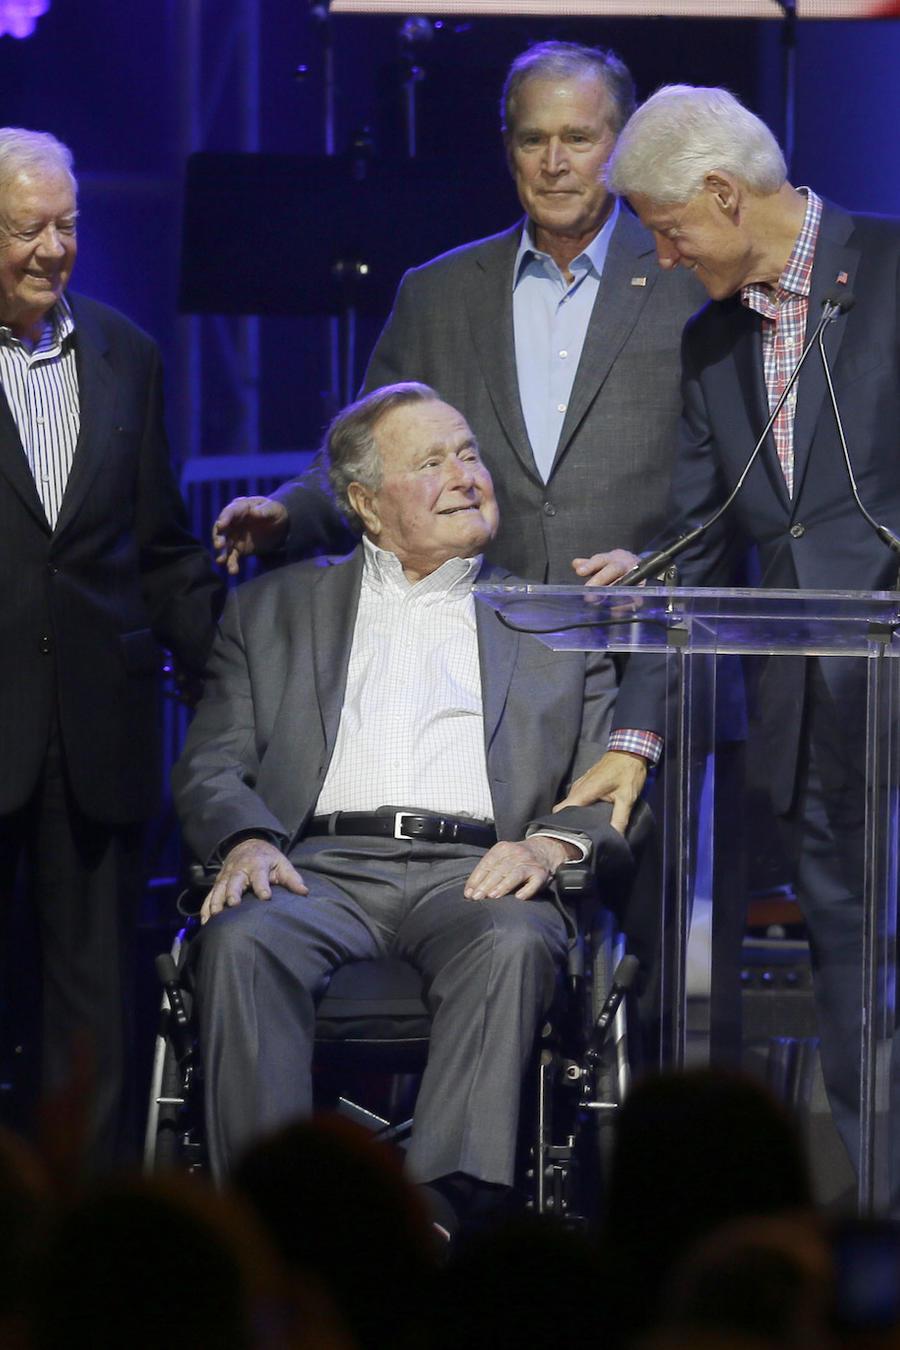 George Bush, en silla de ruedas, rodeado del resto de ex presidentes vivos el 21 de octubre en Texas.